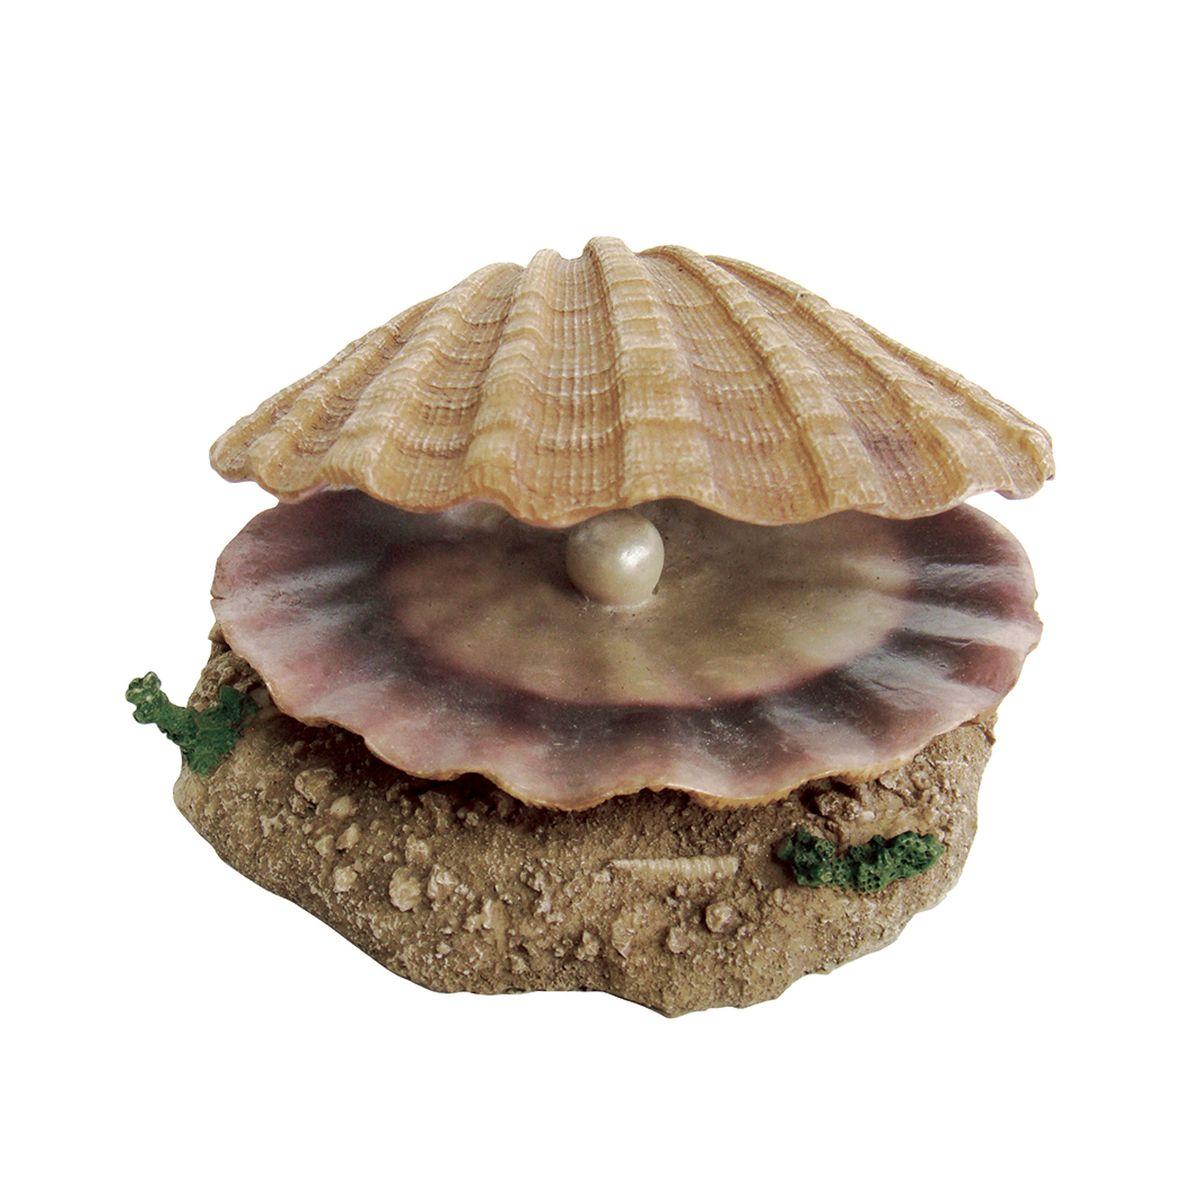 Декорация для аквариума ArtUniq Раковина с жемчужиной, с подвижным элементом, 14,5 x 13,3 x 6,5 смART-2230170Декорация для аквариума ArtUniq Раковина с жемчужиной, с подвижным элементом, 14,5 x 13,3 x 6,5 см